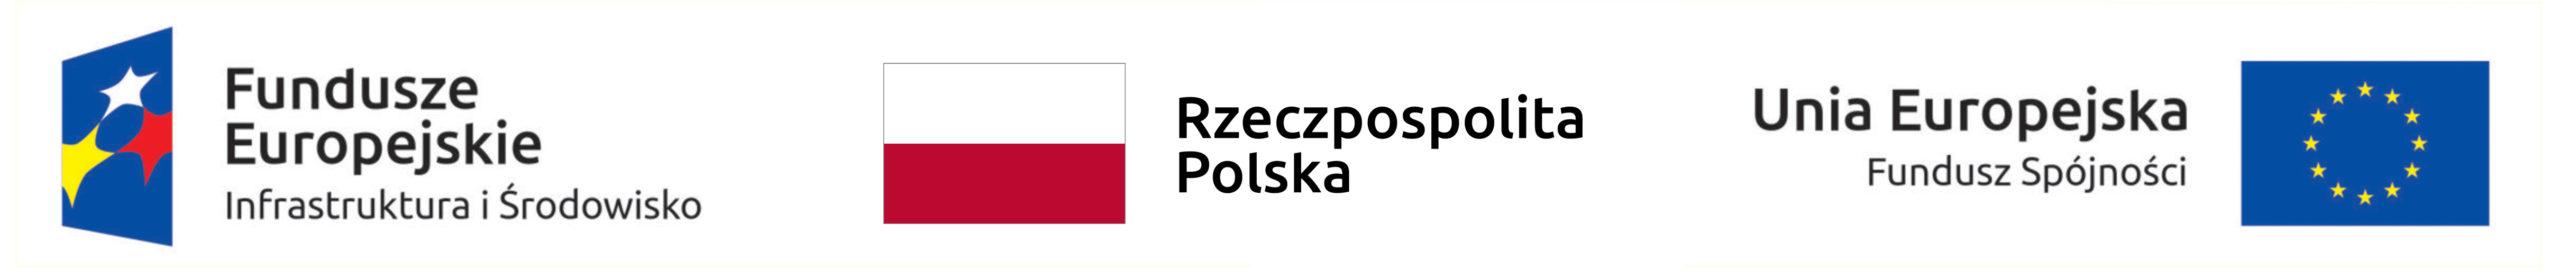 Logo Fundusze Europejskie, Flaga Polski, Flaga Unii Europejskiej